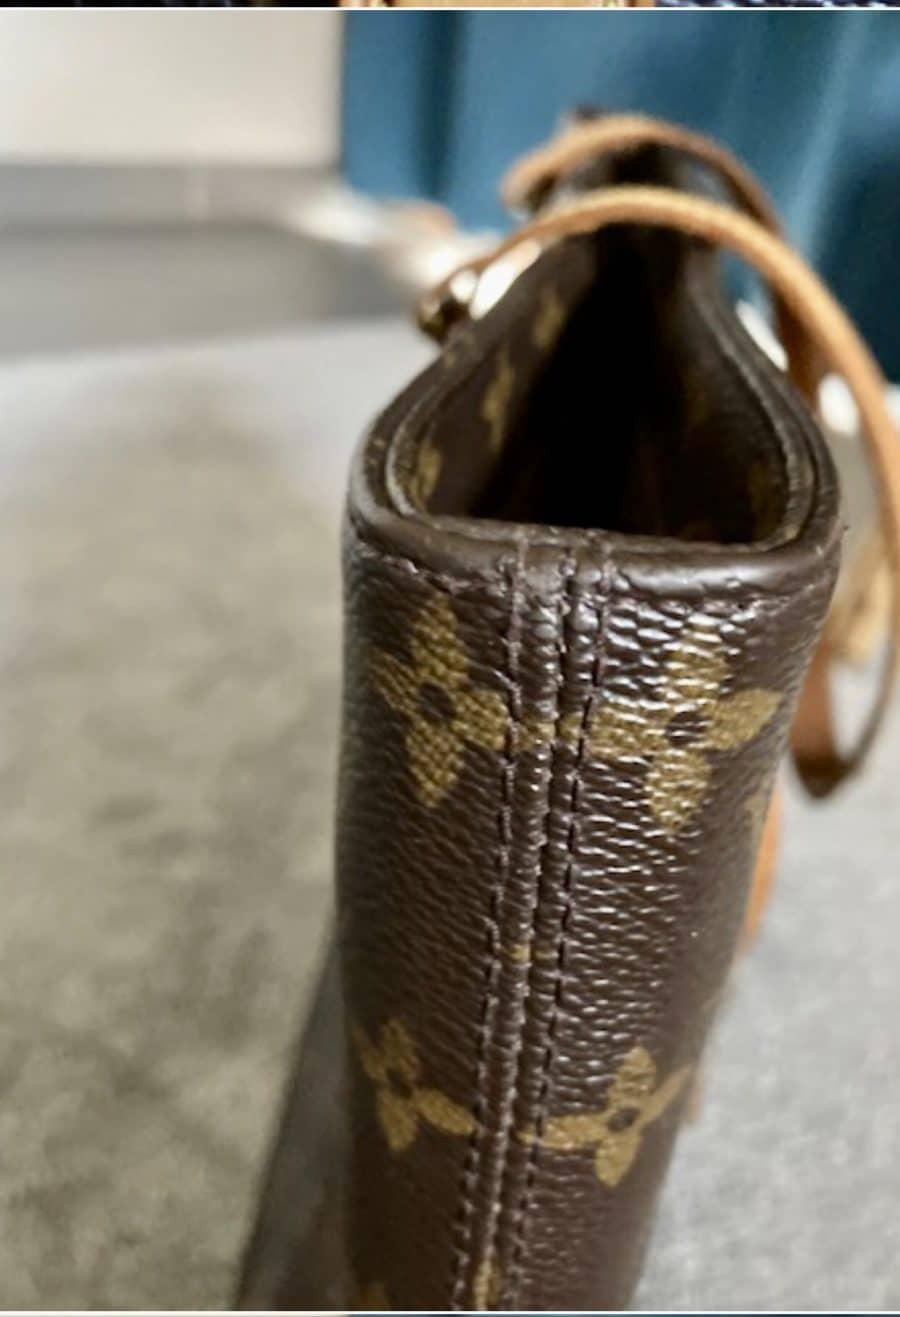 Cabas Louis Vuitton monoigramme, pre-loved en bon état. Iconprincess, icon princess